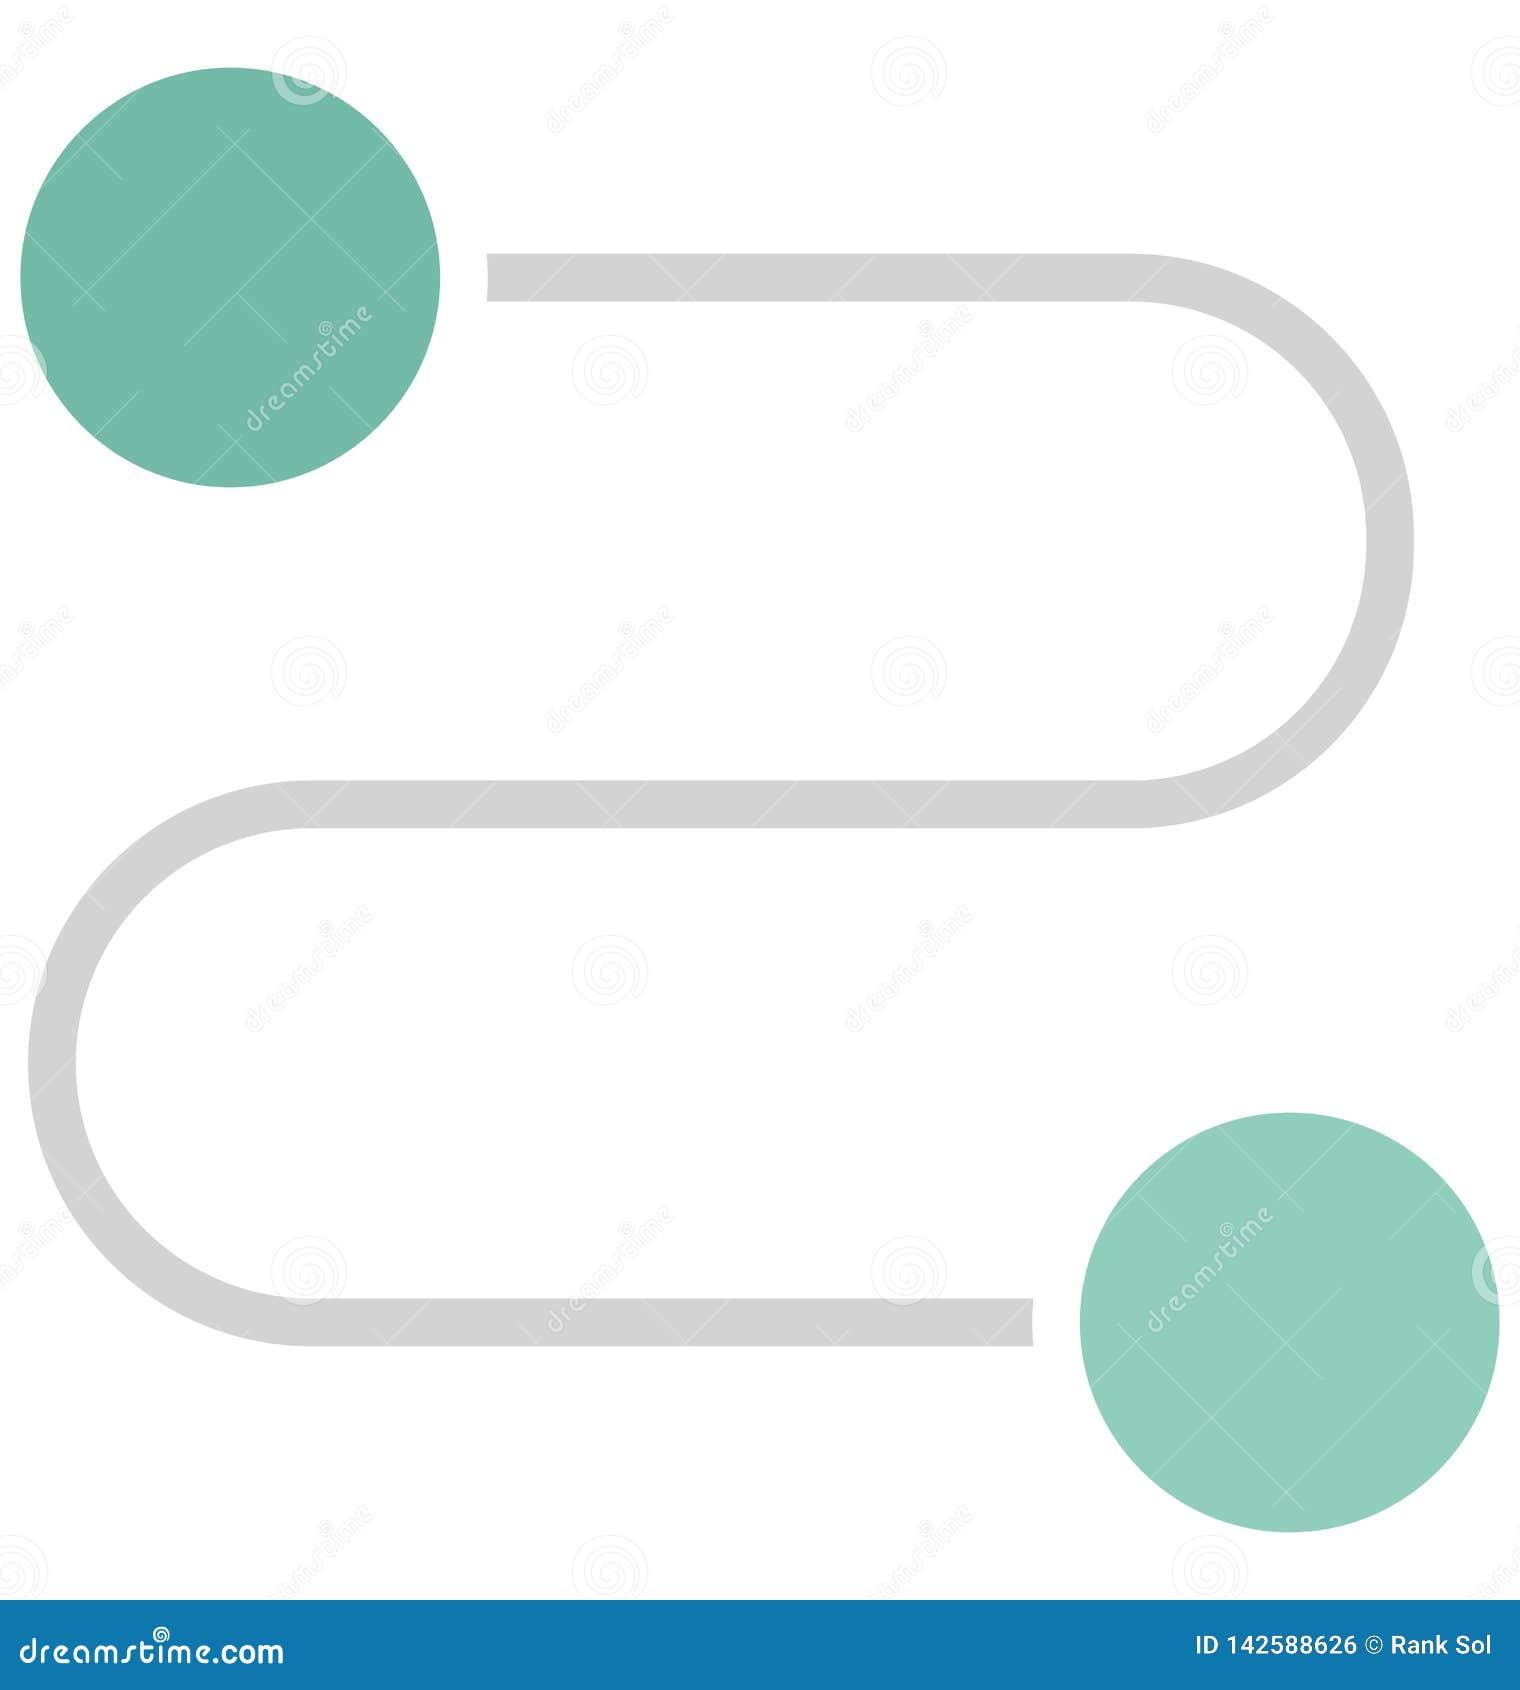 App Odizolowywał Wektorową ikonę która może łatwo redagować lub modyfikować